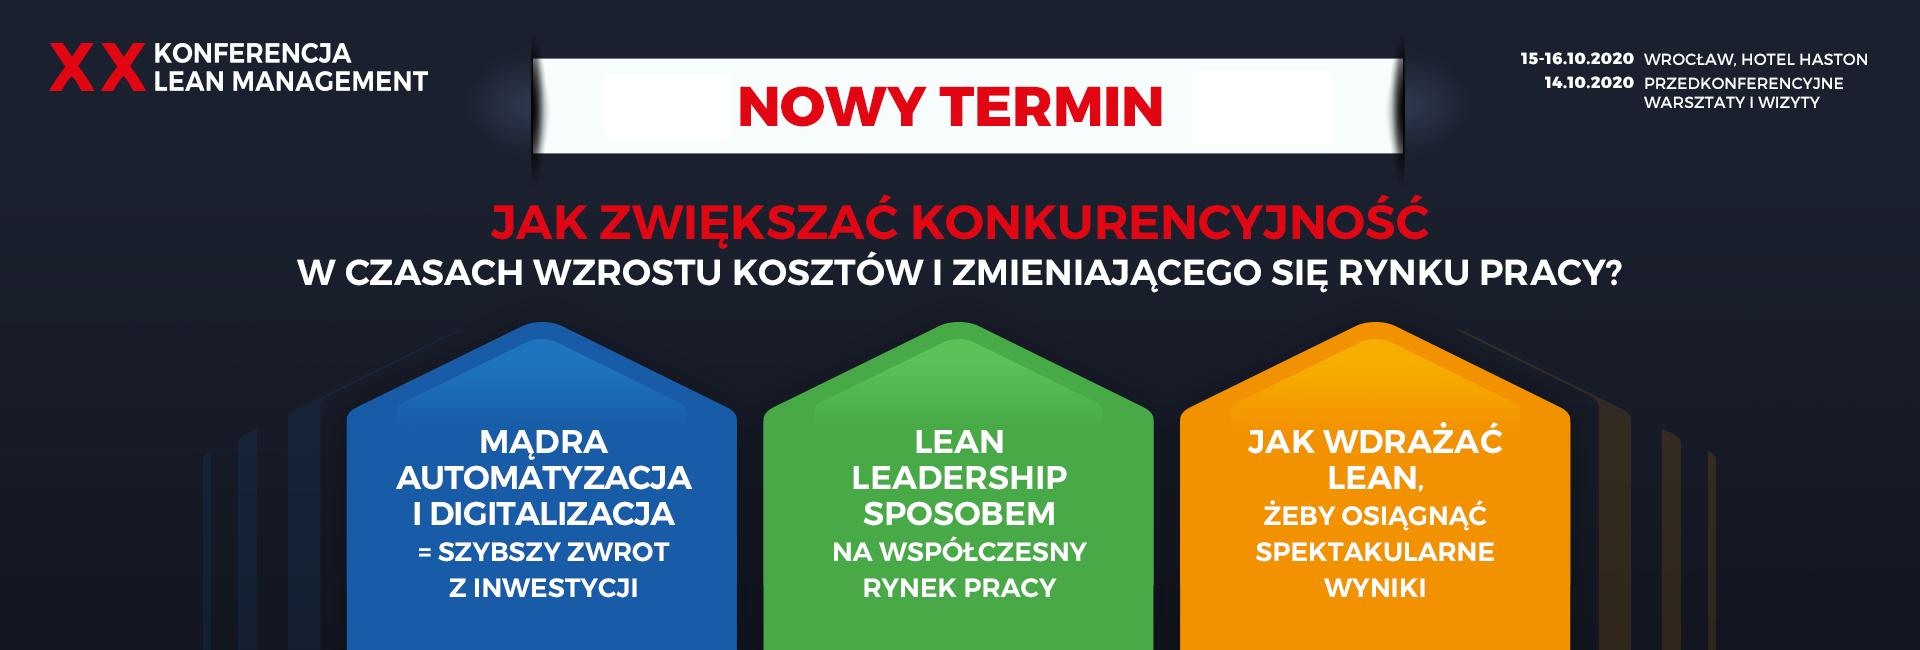 Konferencja Lean Management Wrocław, 3-5 czerwca 2020